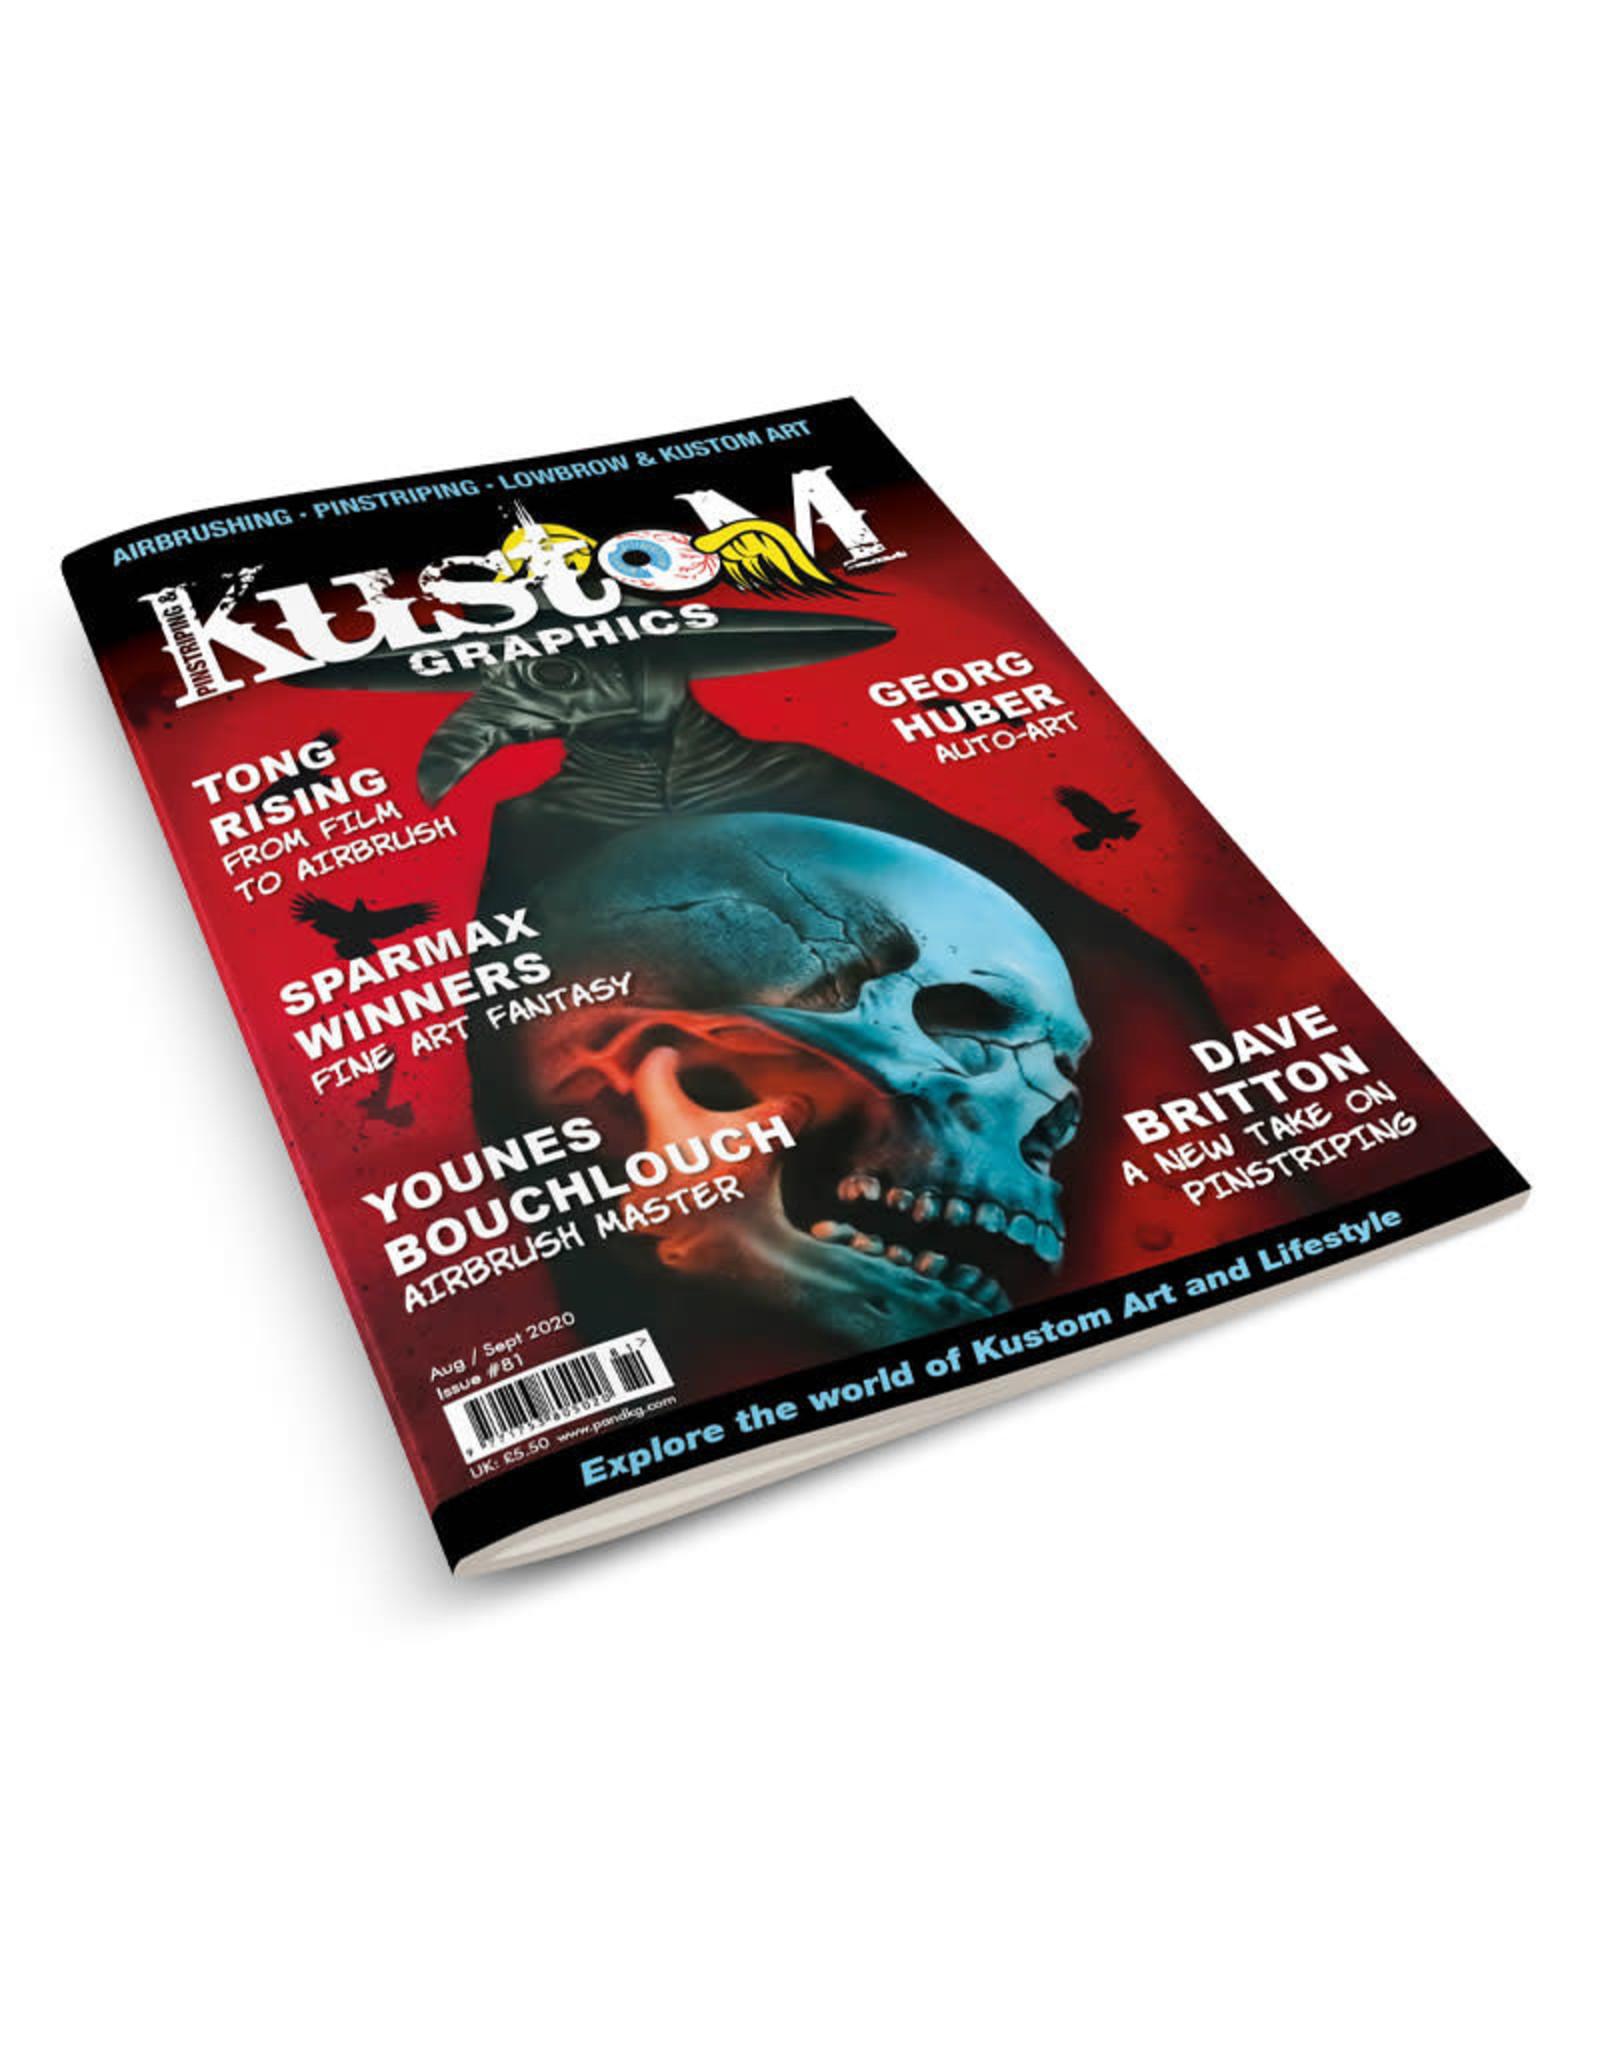 Pinstriping & Kustom Graphics magazine Pinstriping & Kustom Graphics magazine #81